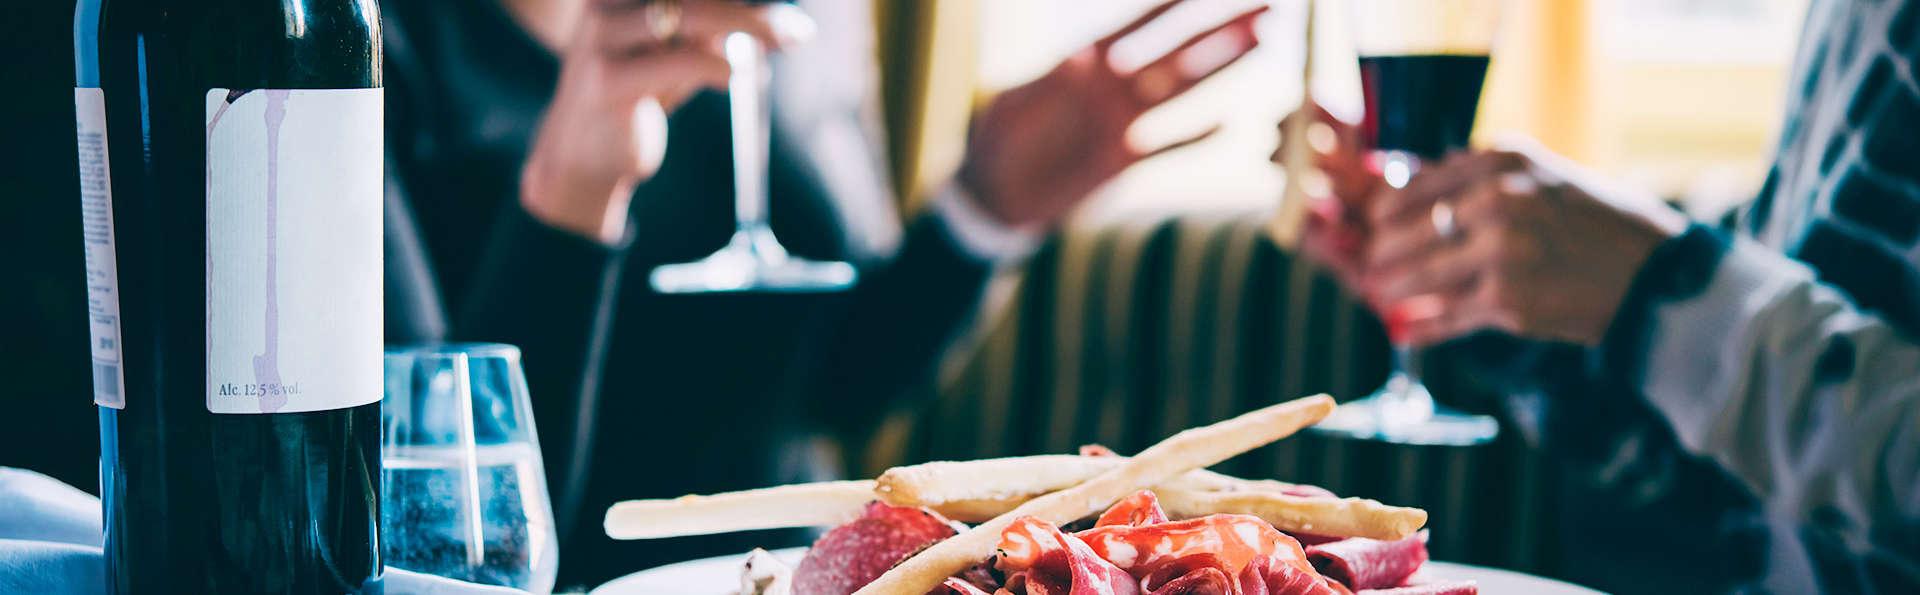 Surprenez votre moitiée avec dîner romantique et demi-bouteille de champagne à Collioure